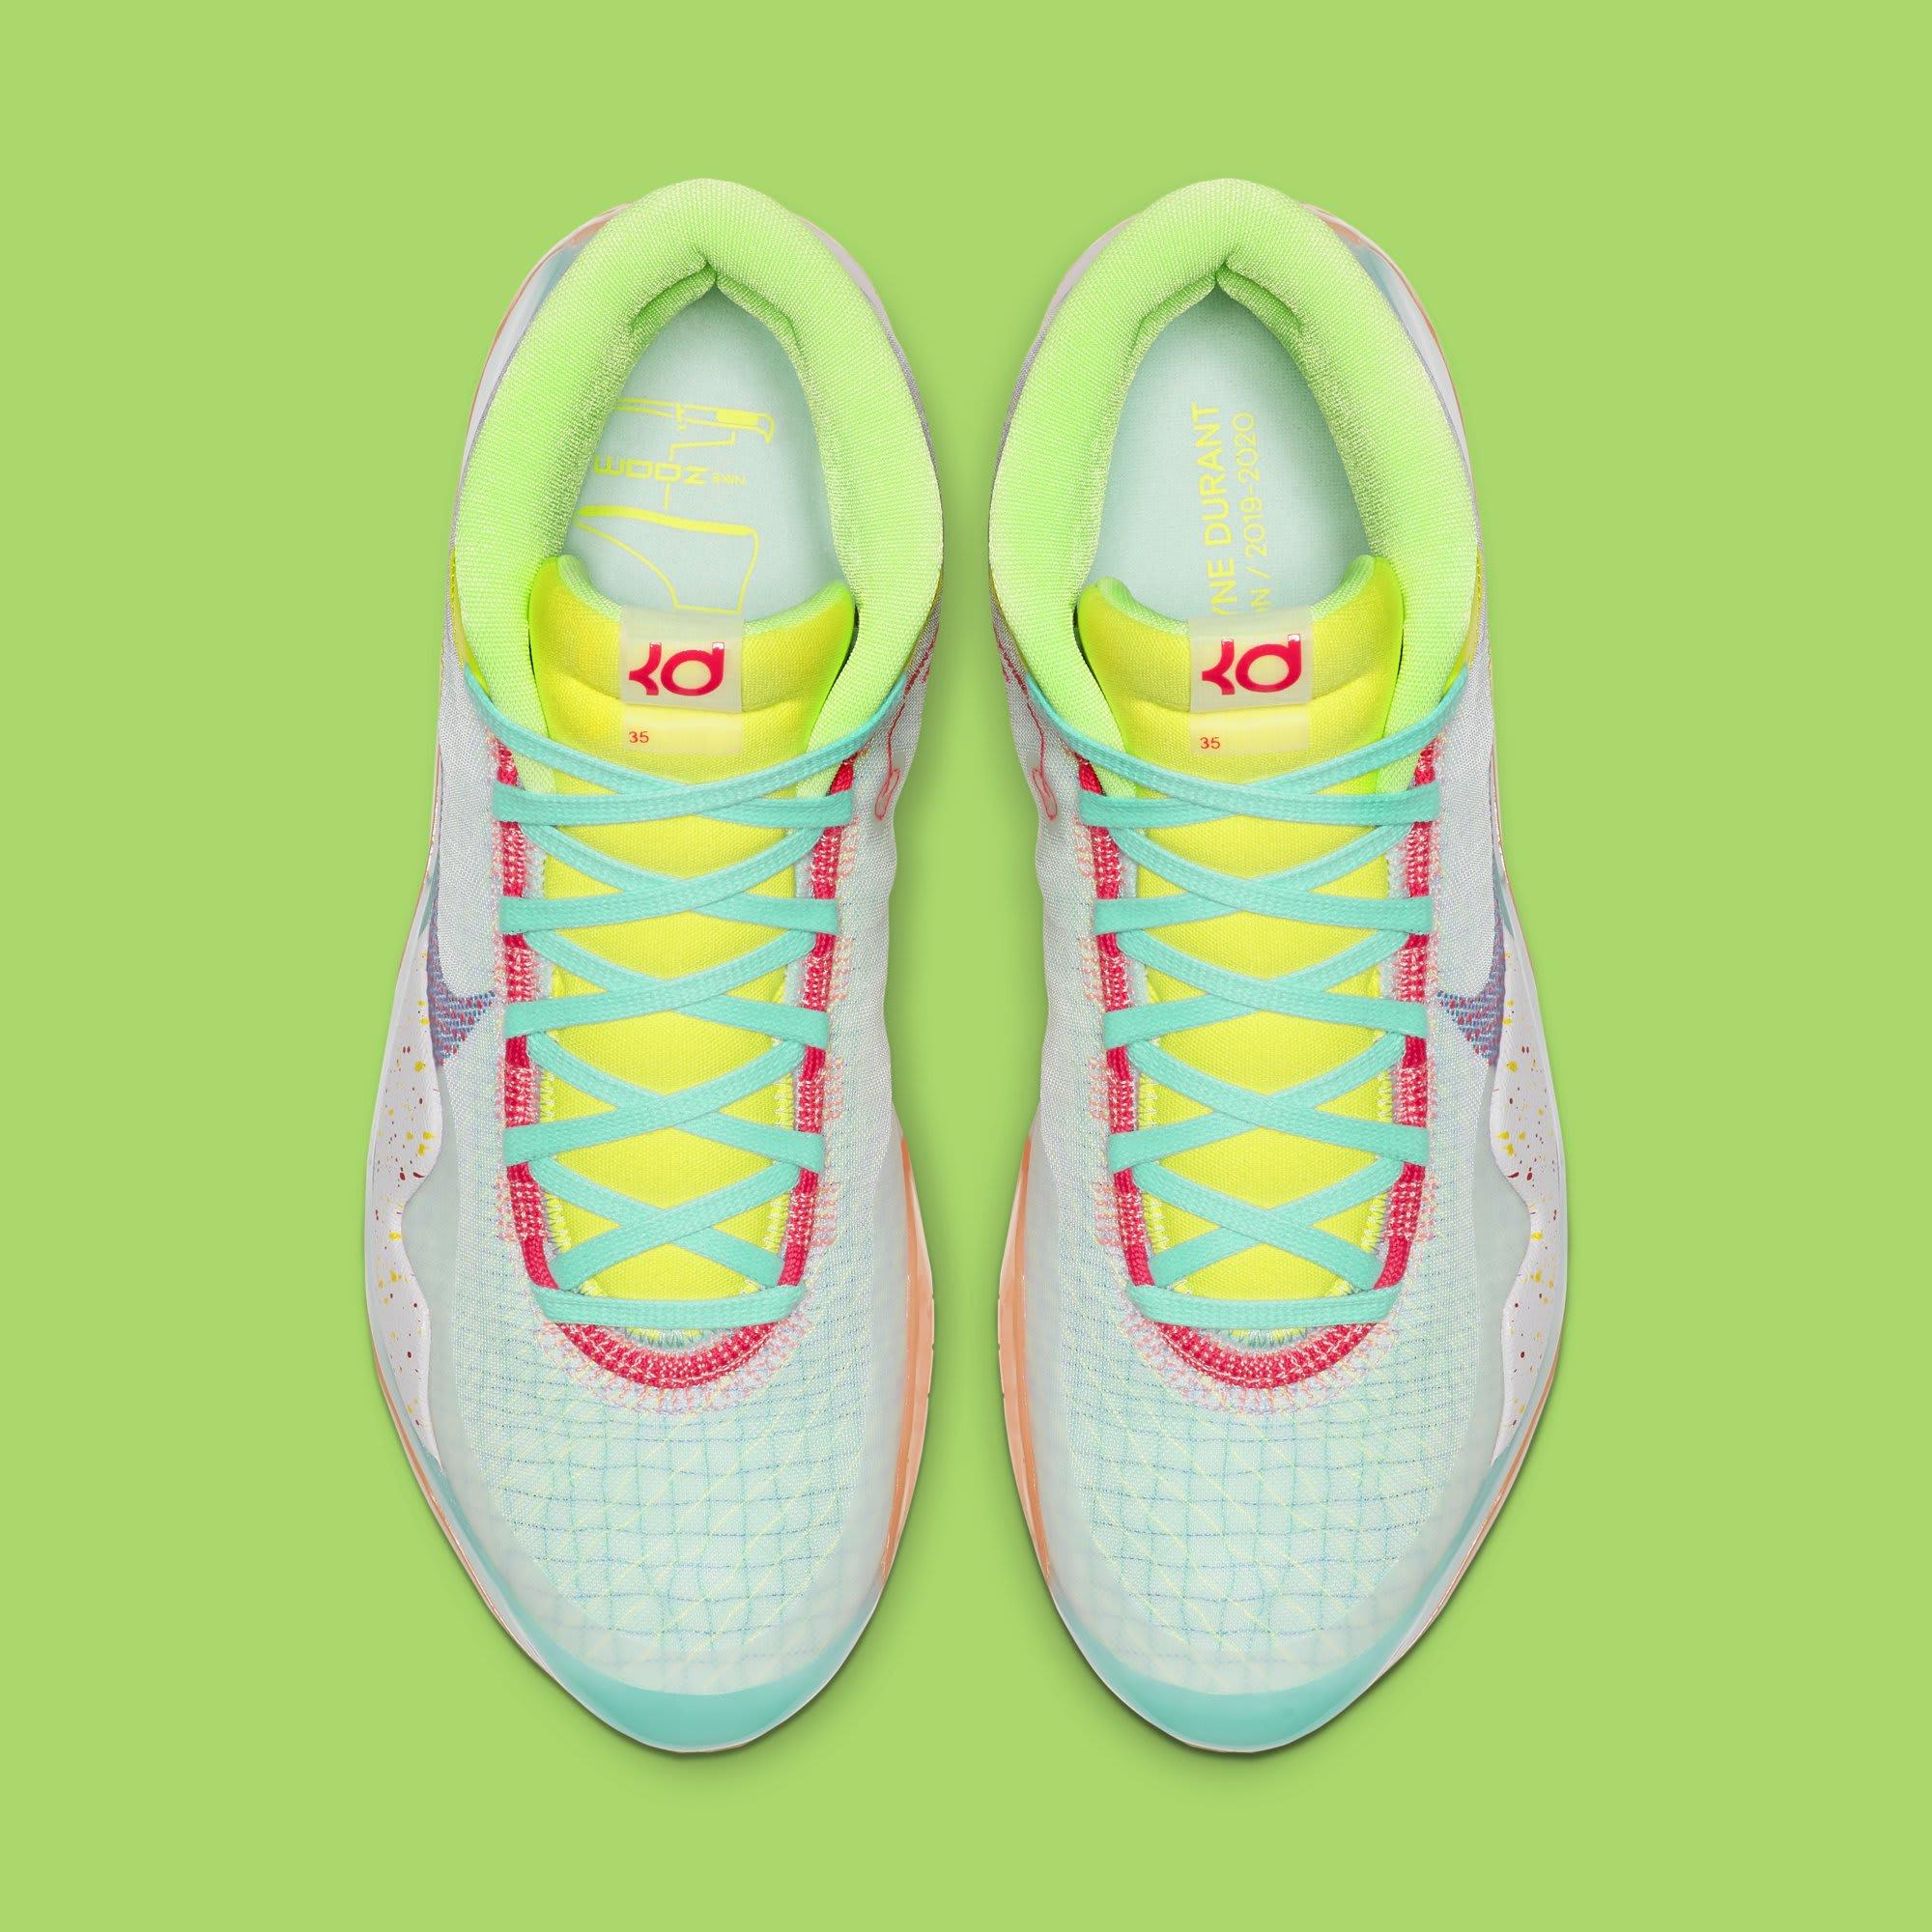 Nike KD 12 'EYBL' CK1195-300 (Top)